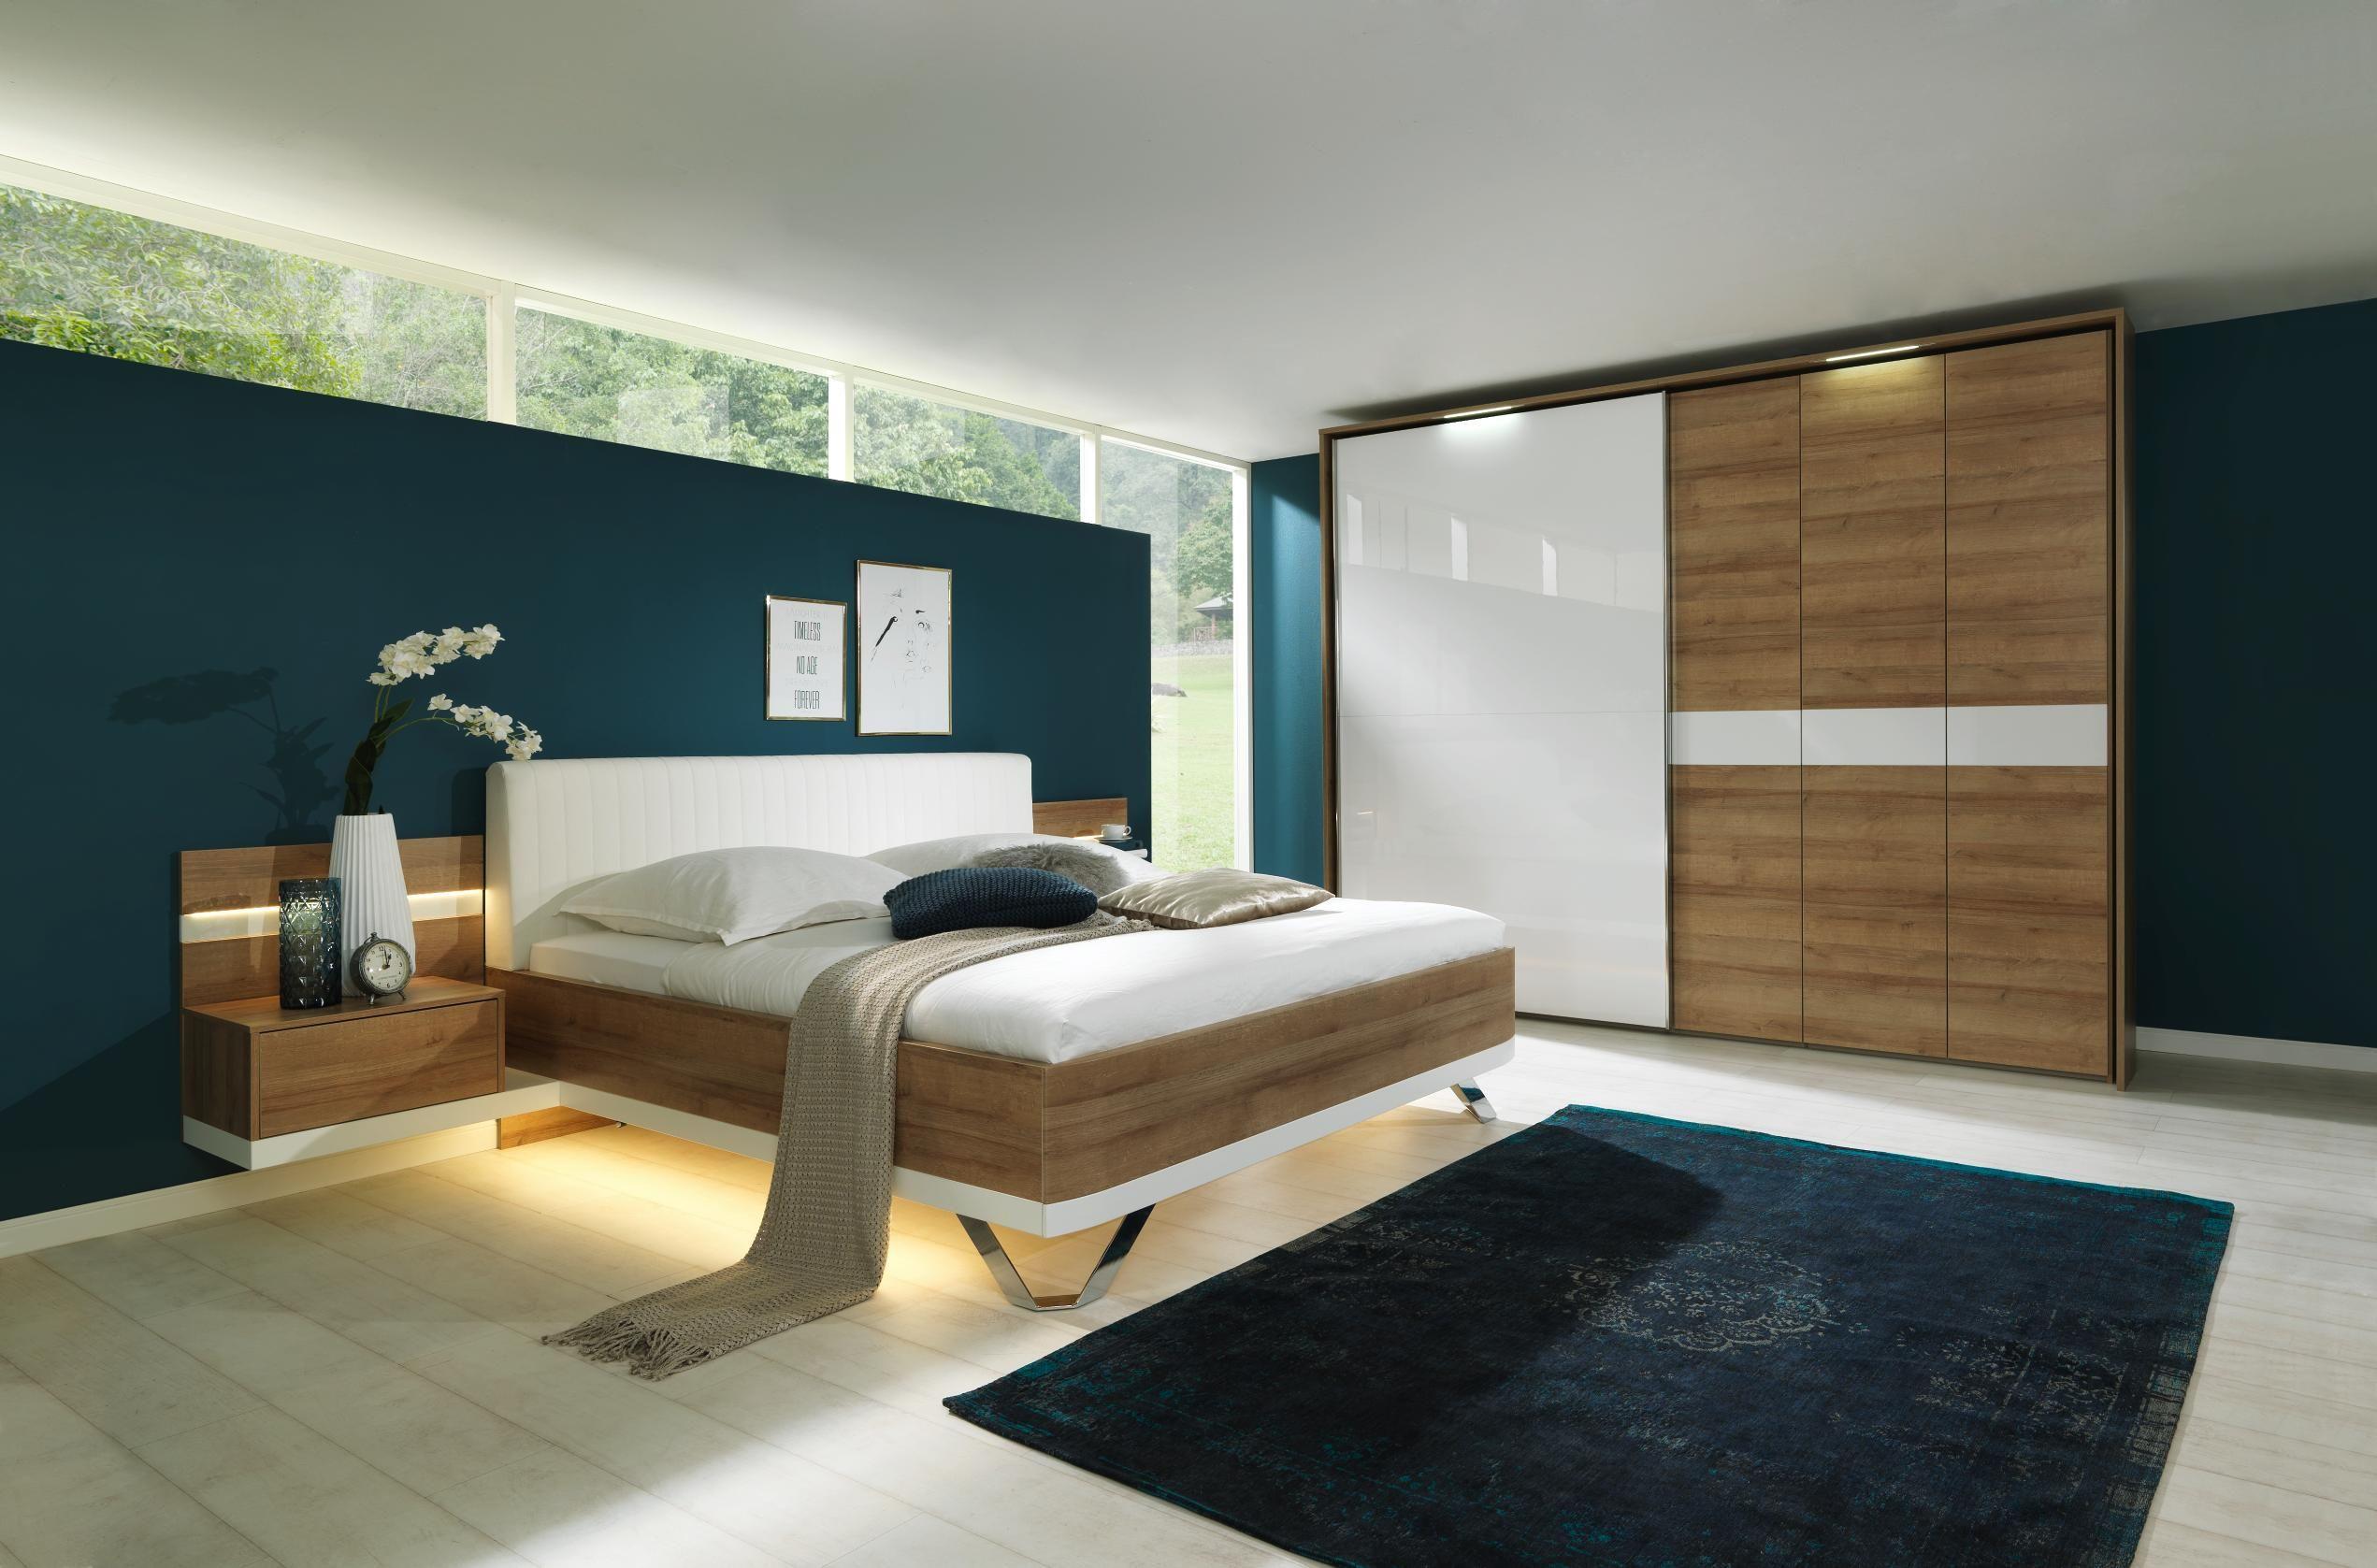 Hülsta Schlafzimmer ~ Schlafen hülsta die möbelmarke home hülsta und